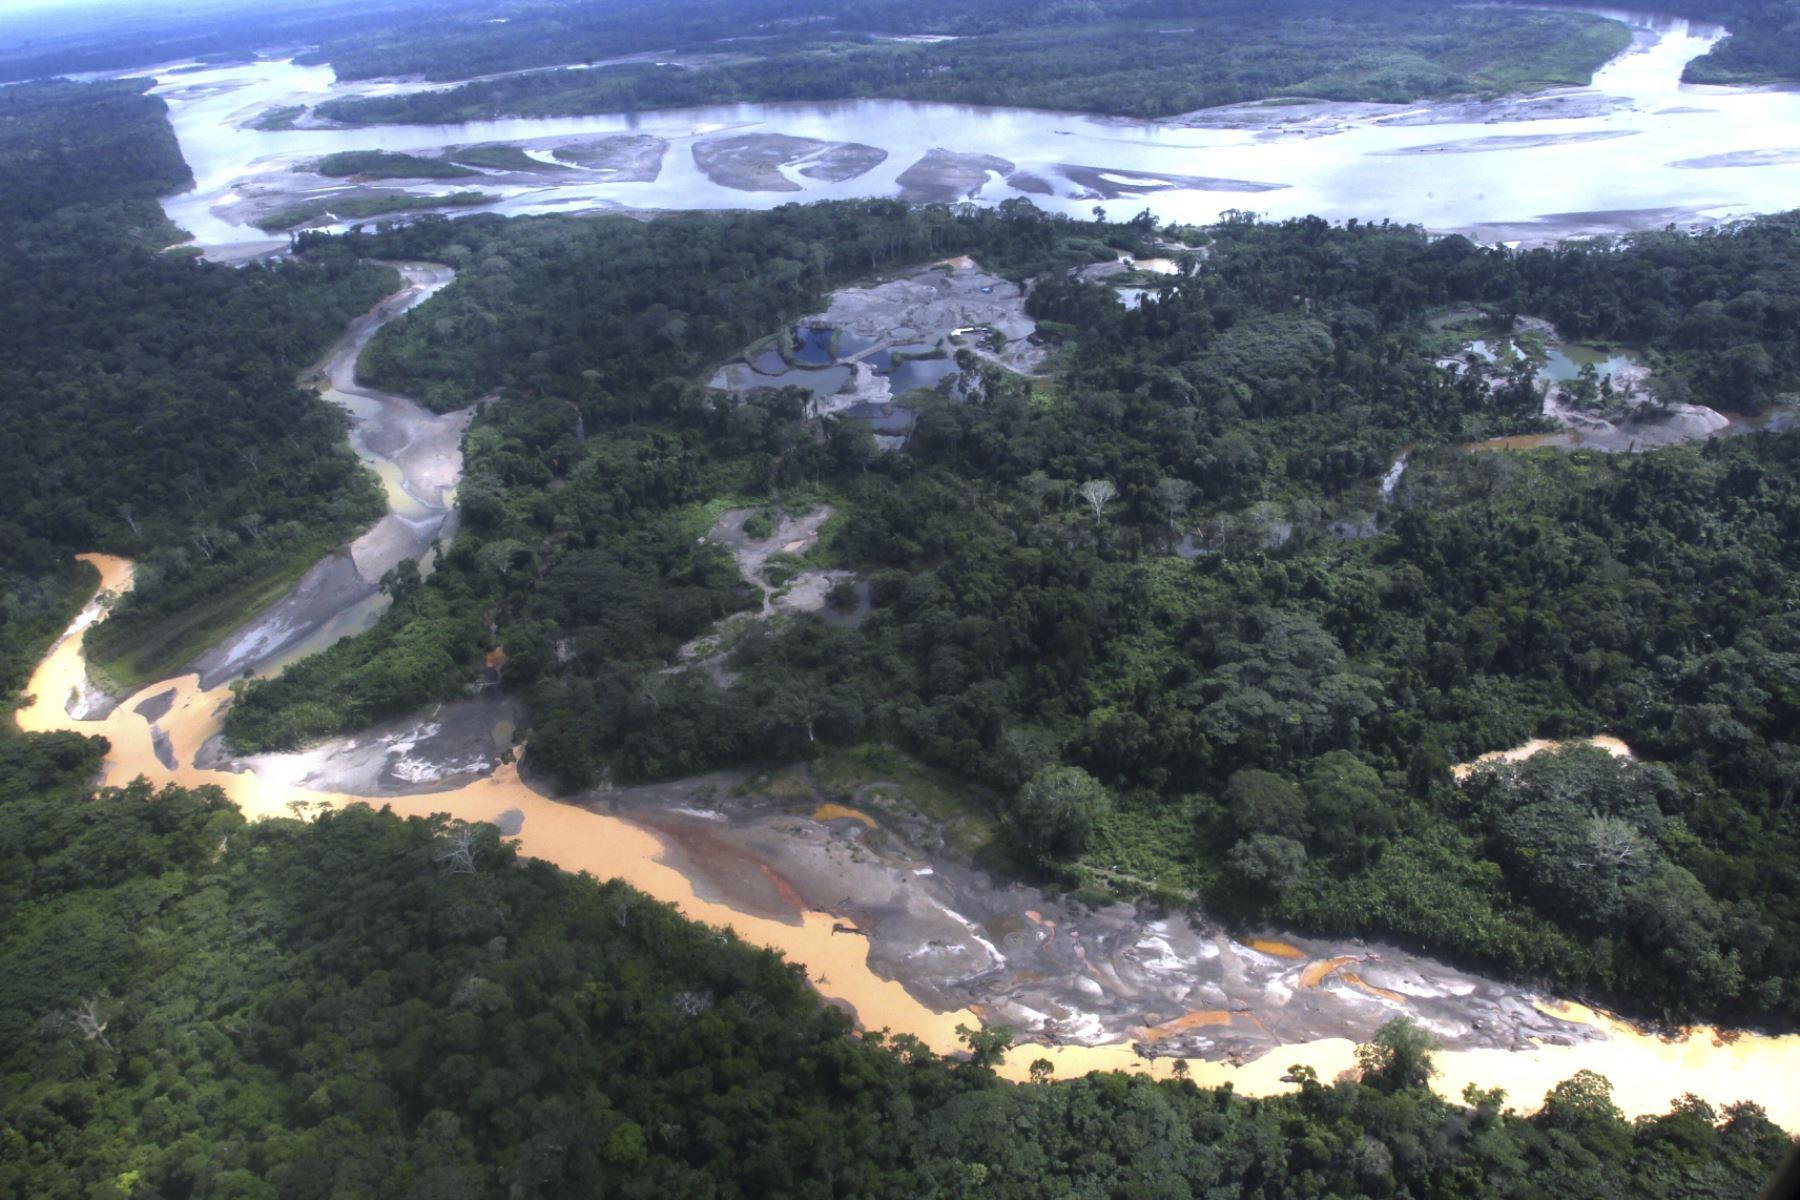 Daños ecológicos causados por la minería ilegal ya empiezan a amenazar la estabilidad y desarrollo de distintas regiones del  Perú, no solo en Madre de Dios, sostuvo el jefe del Gabinete Ministerial. ANDINA/Difusión